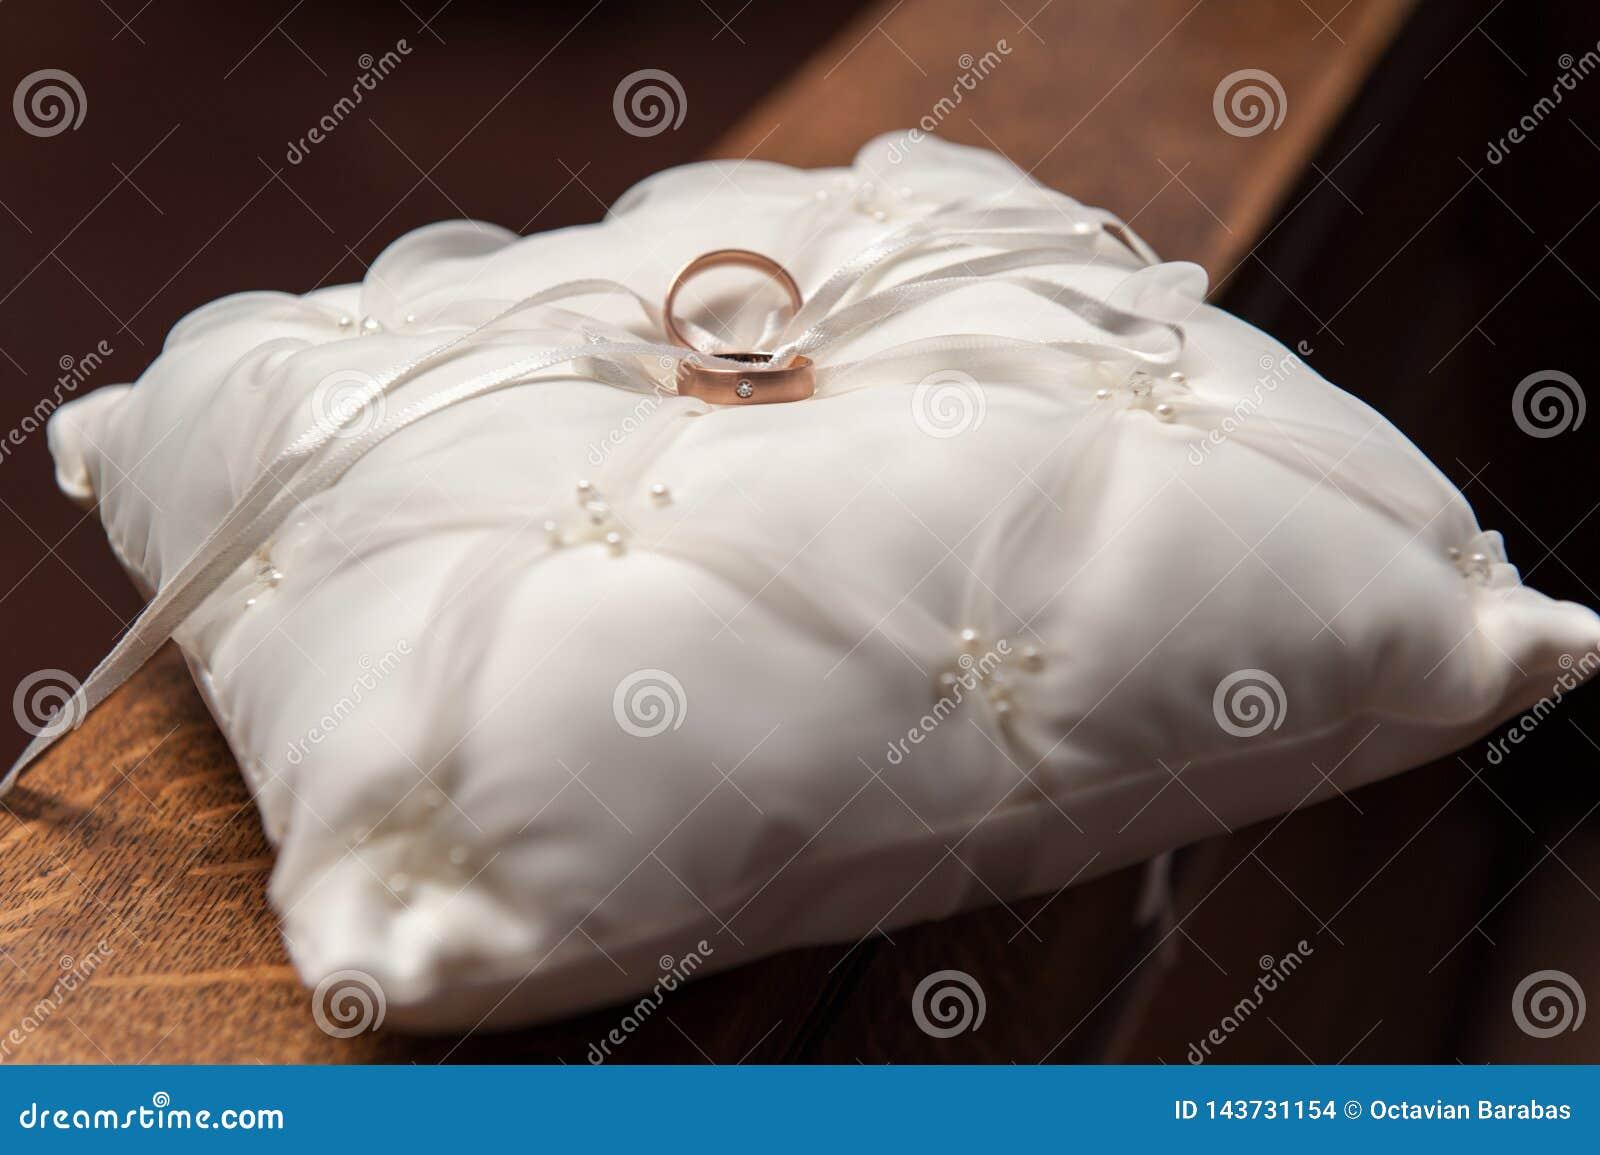 Golden wedding rings on white satin pillow on wooden hand rail